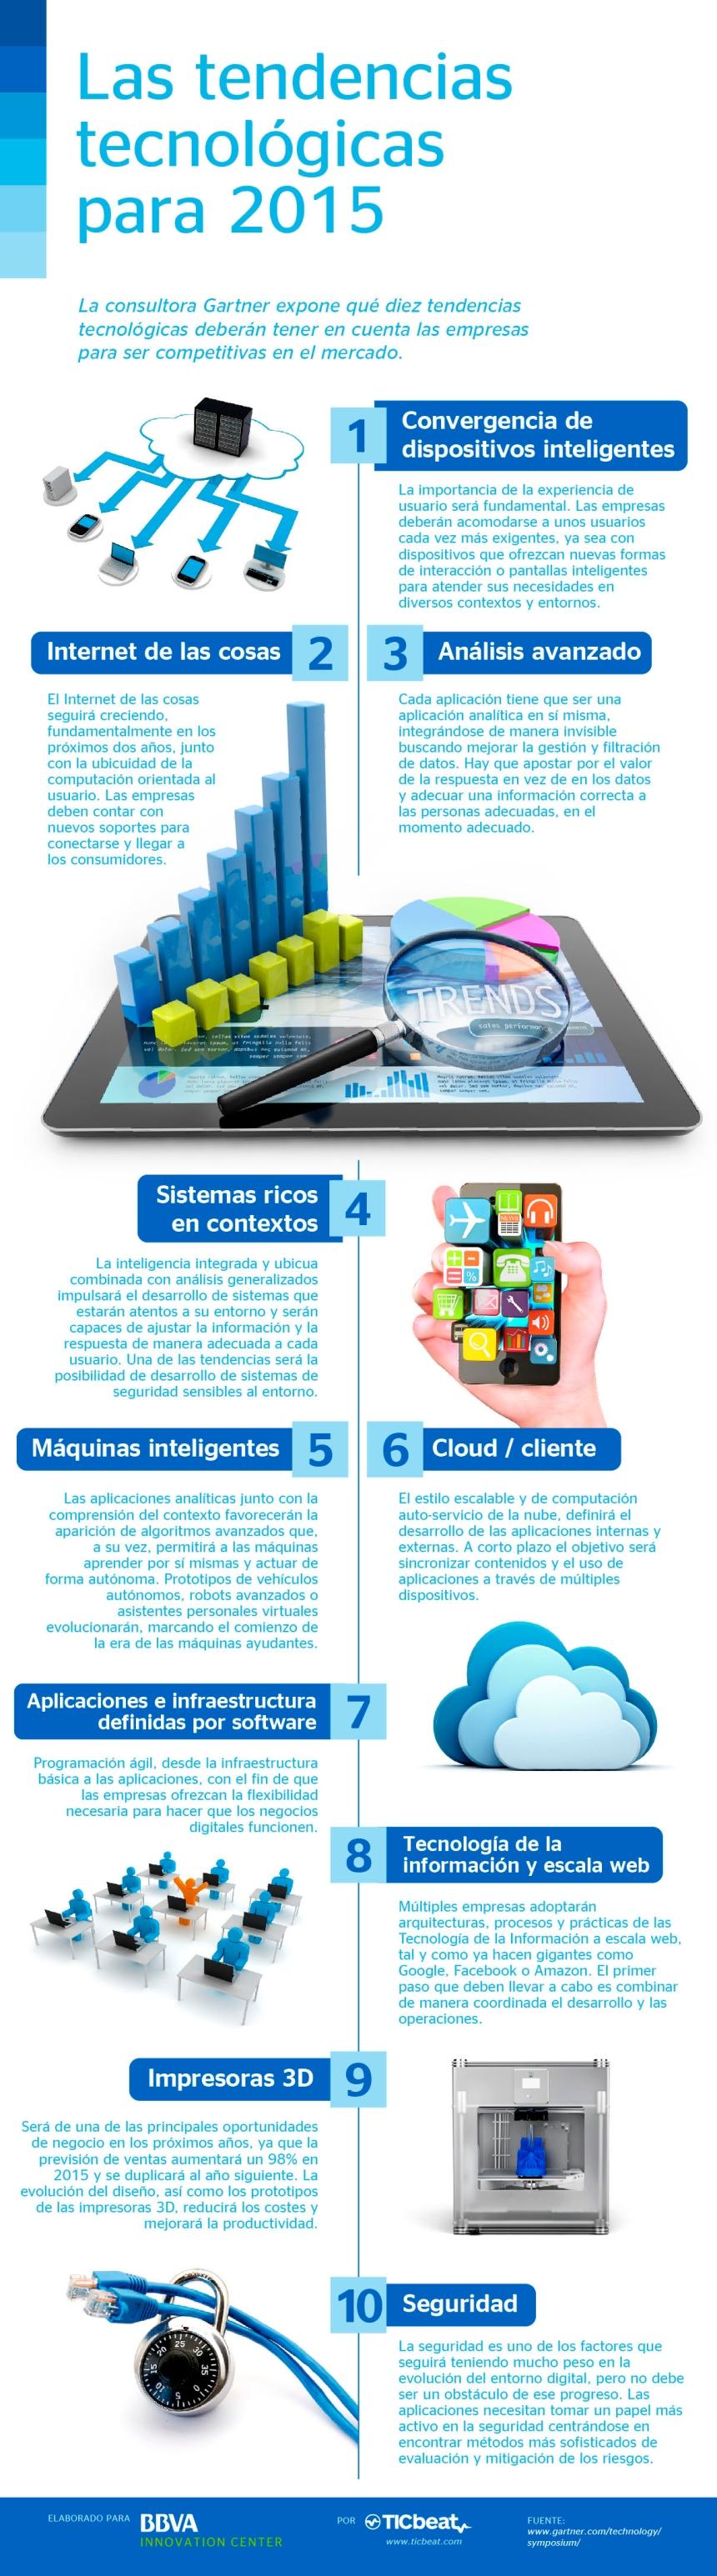 Las 10 tendencias tecnológicas para 2015